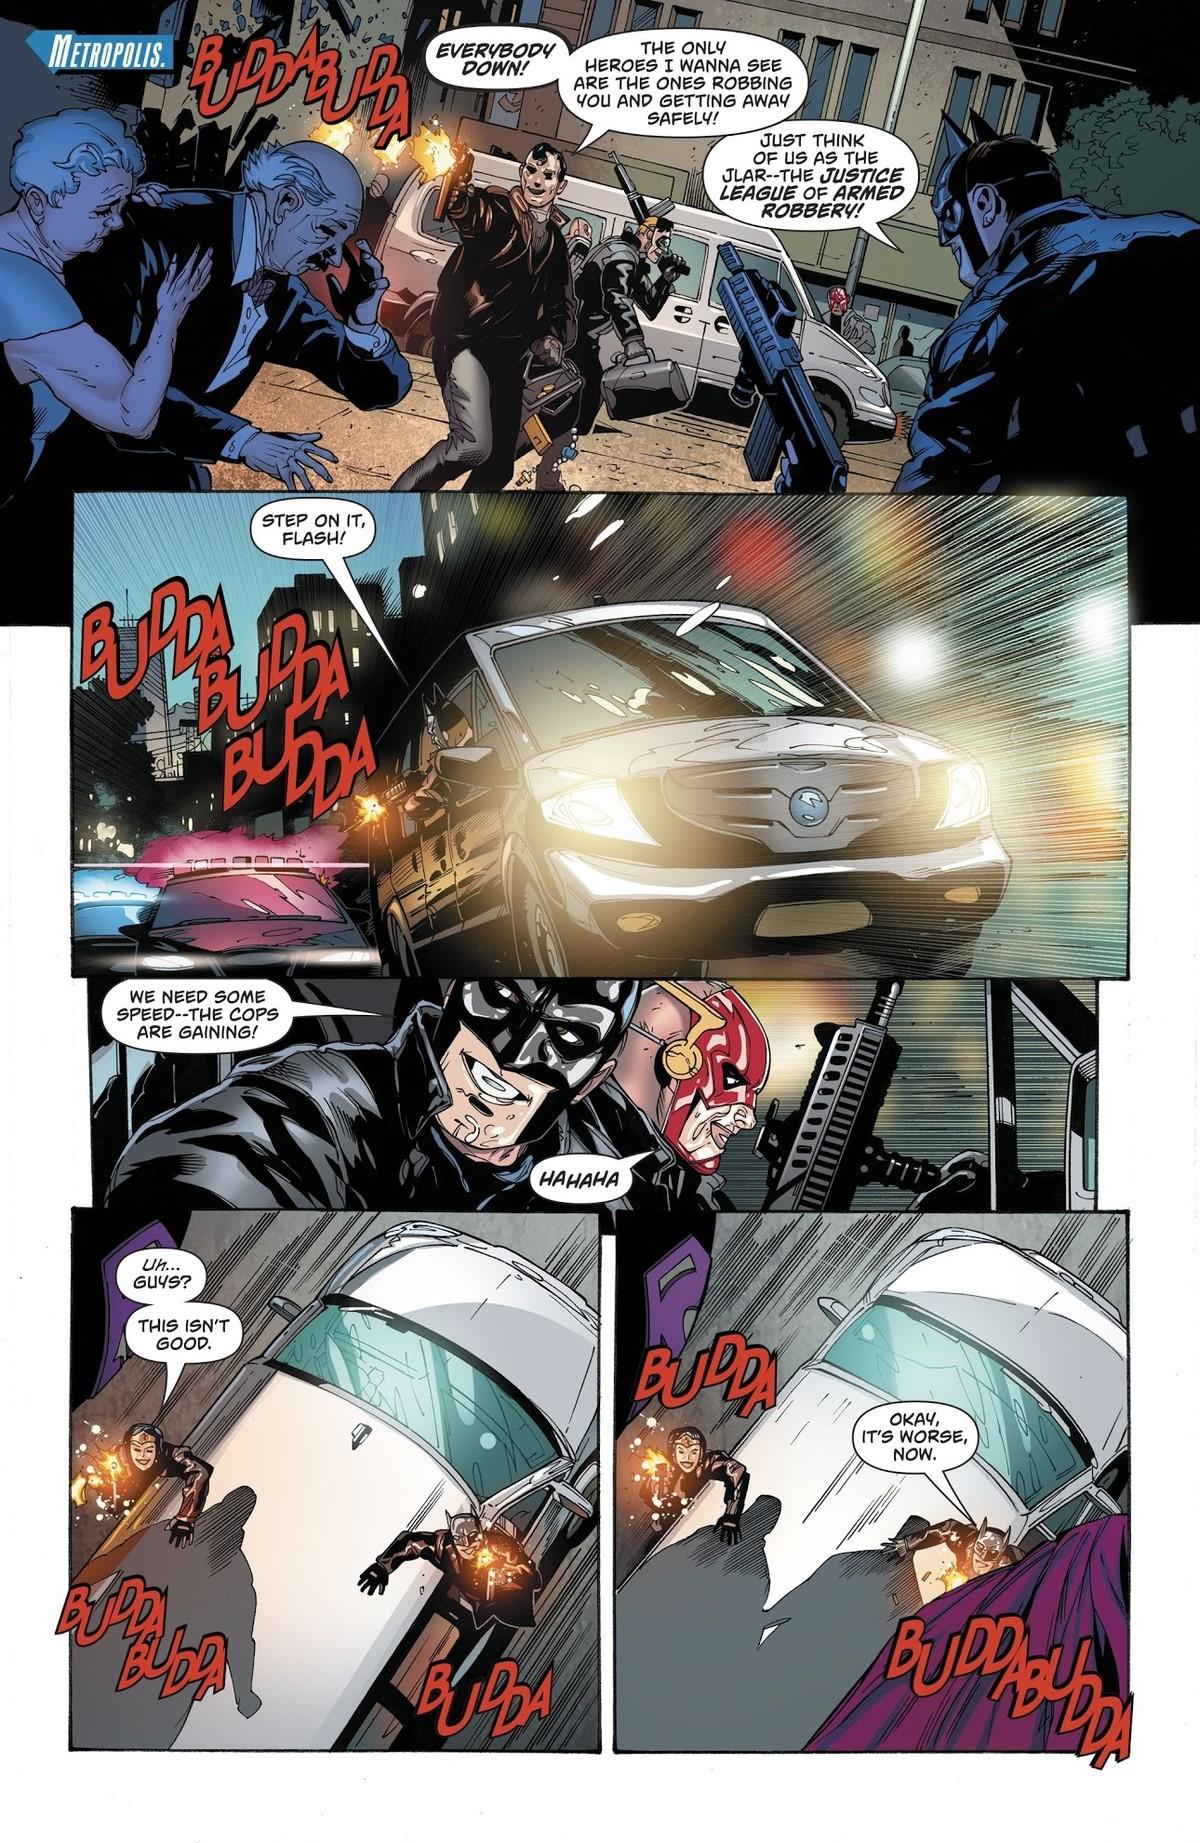 Super bros. .. Ever the ego, eh Luthor?